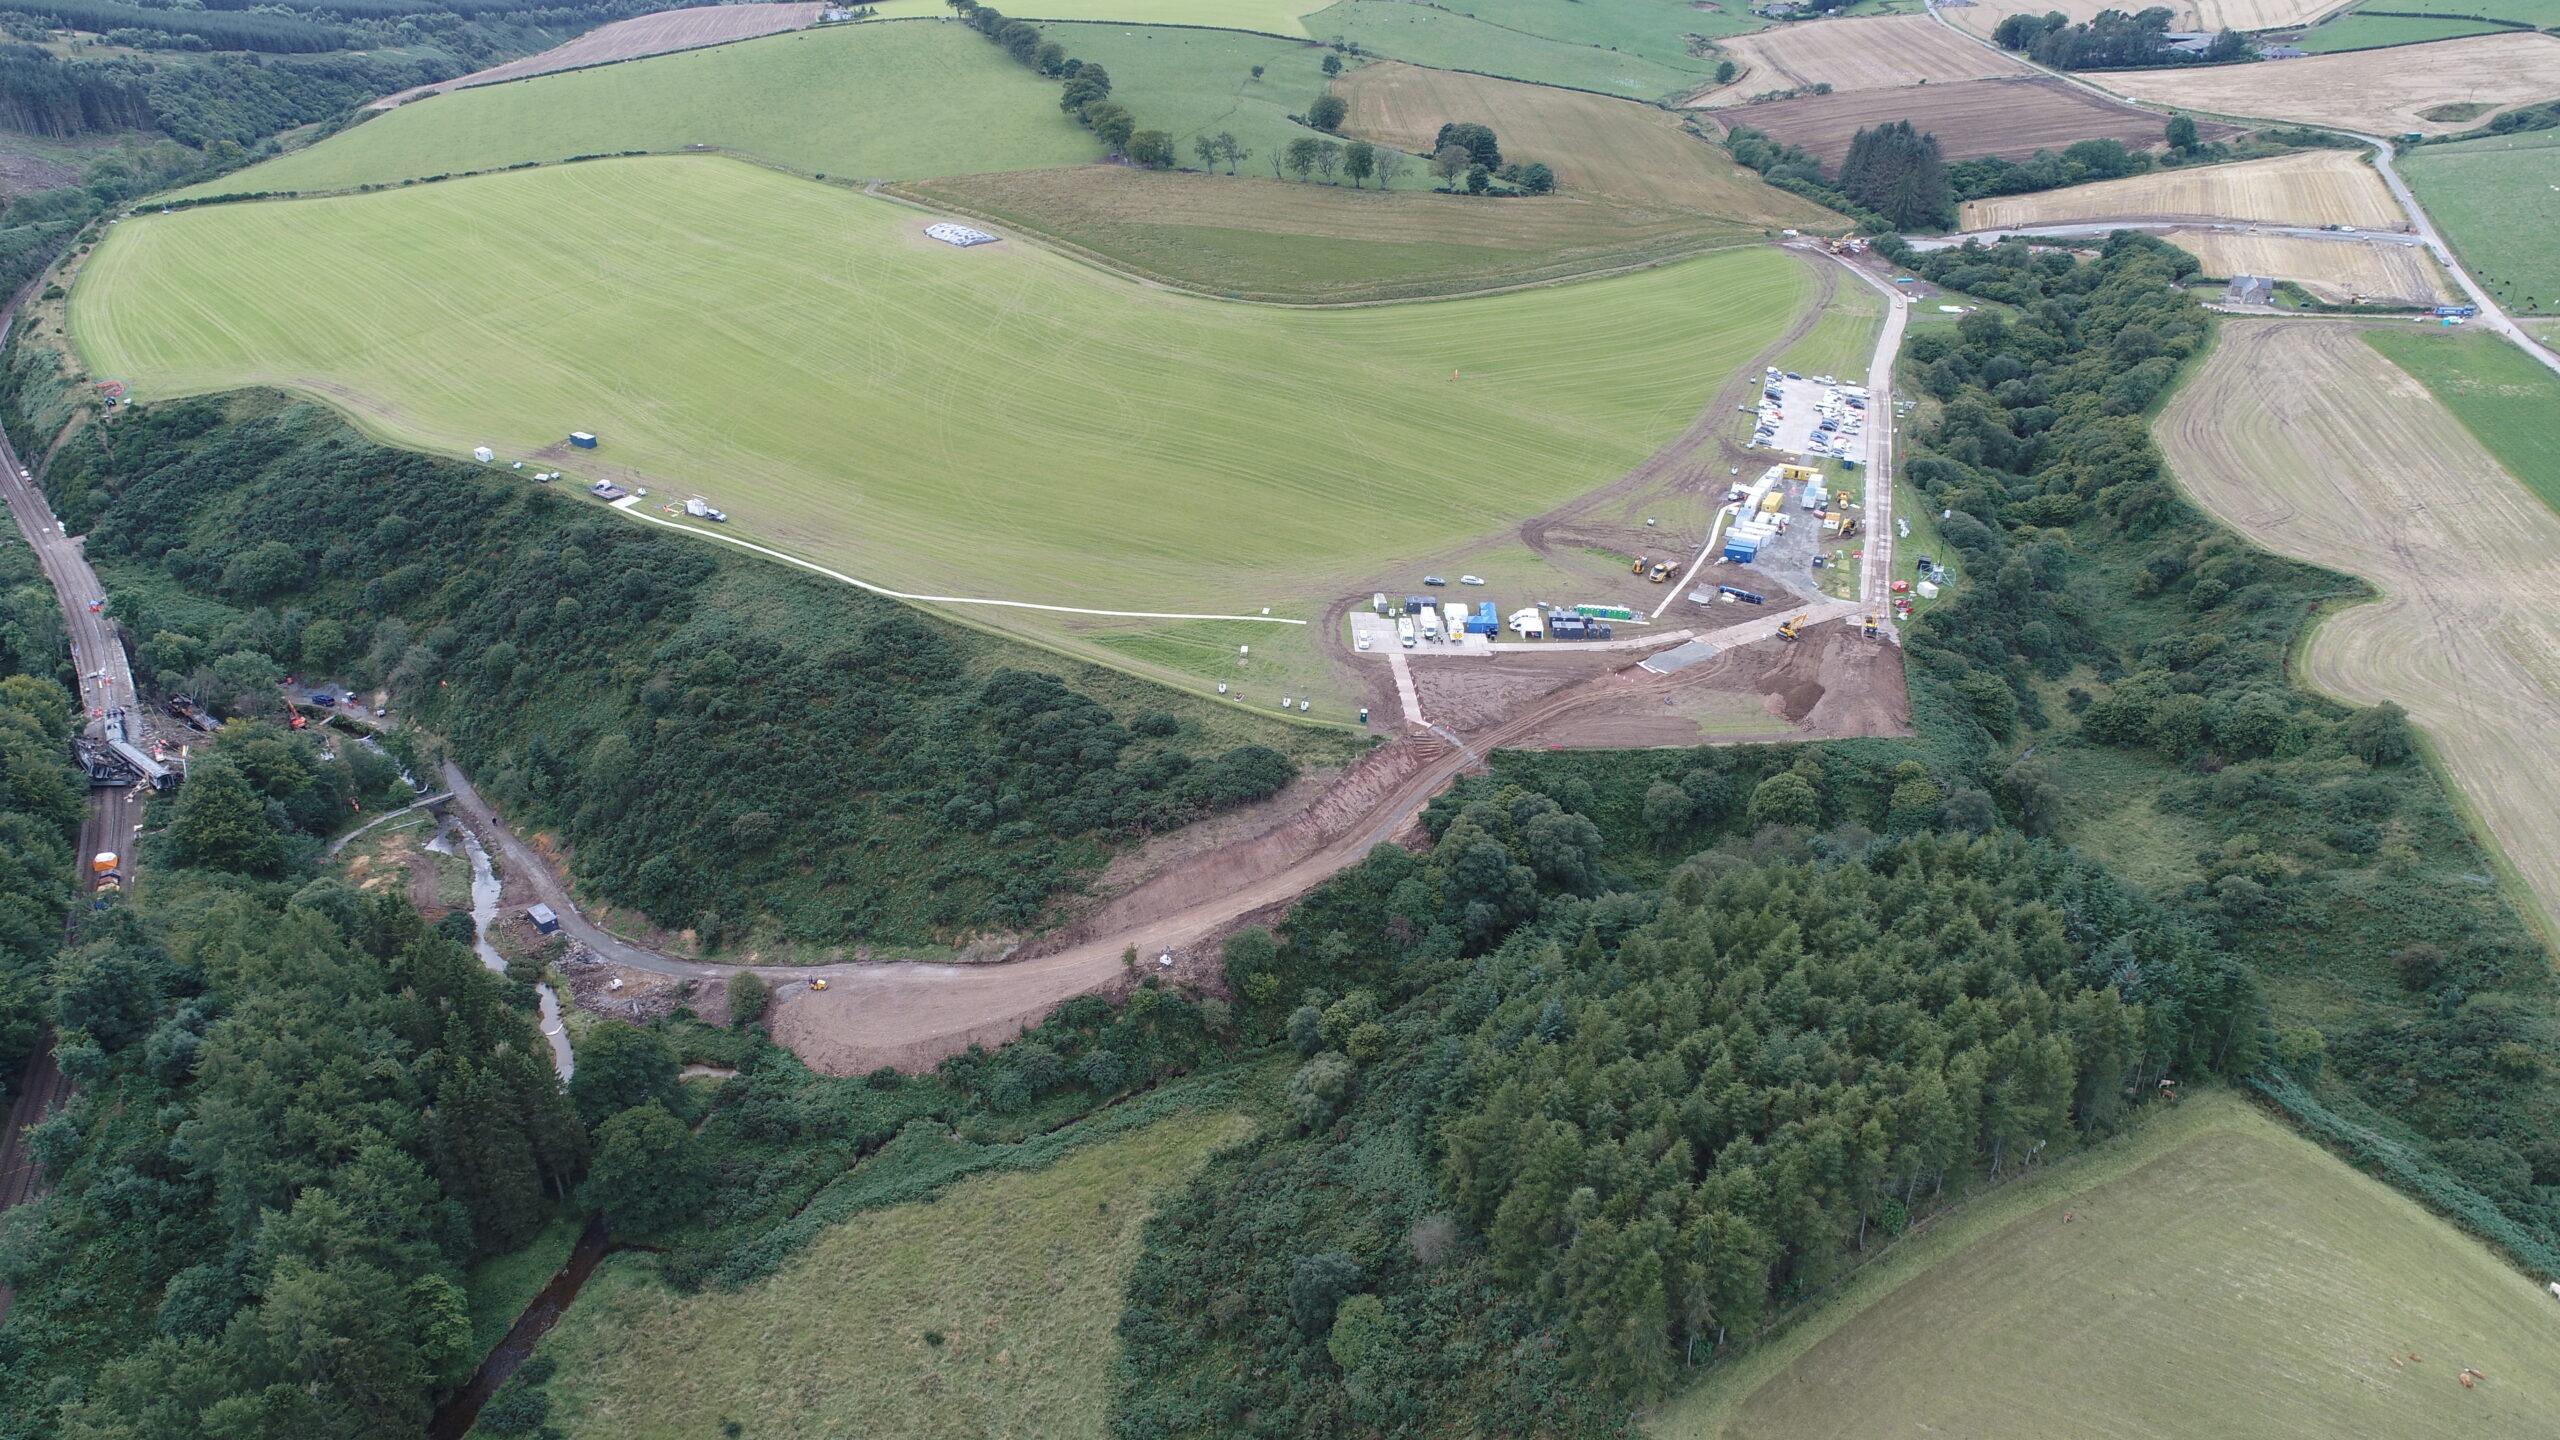 Stonehaven derailment preparatory works